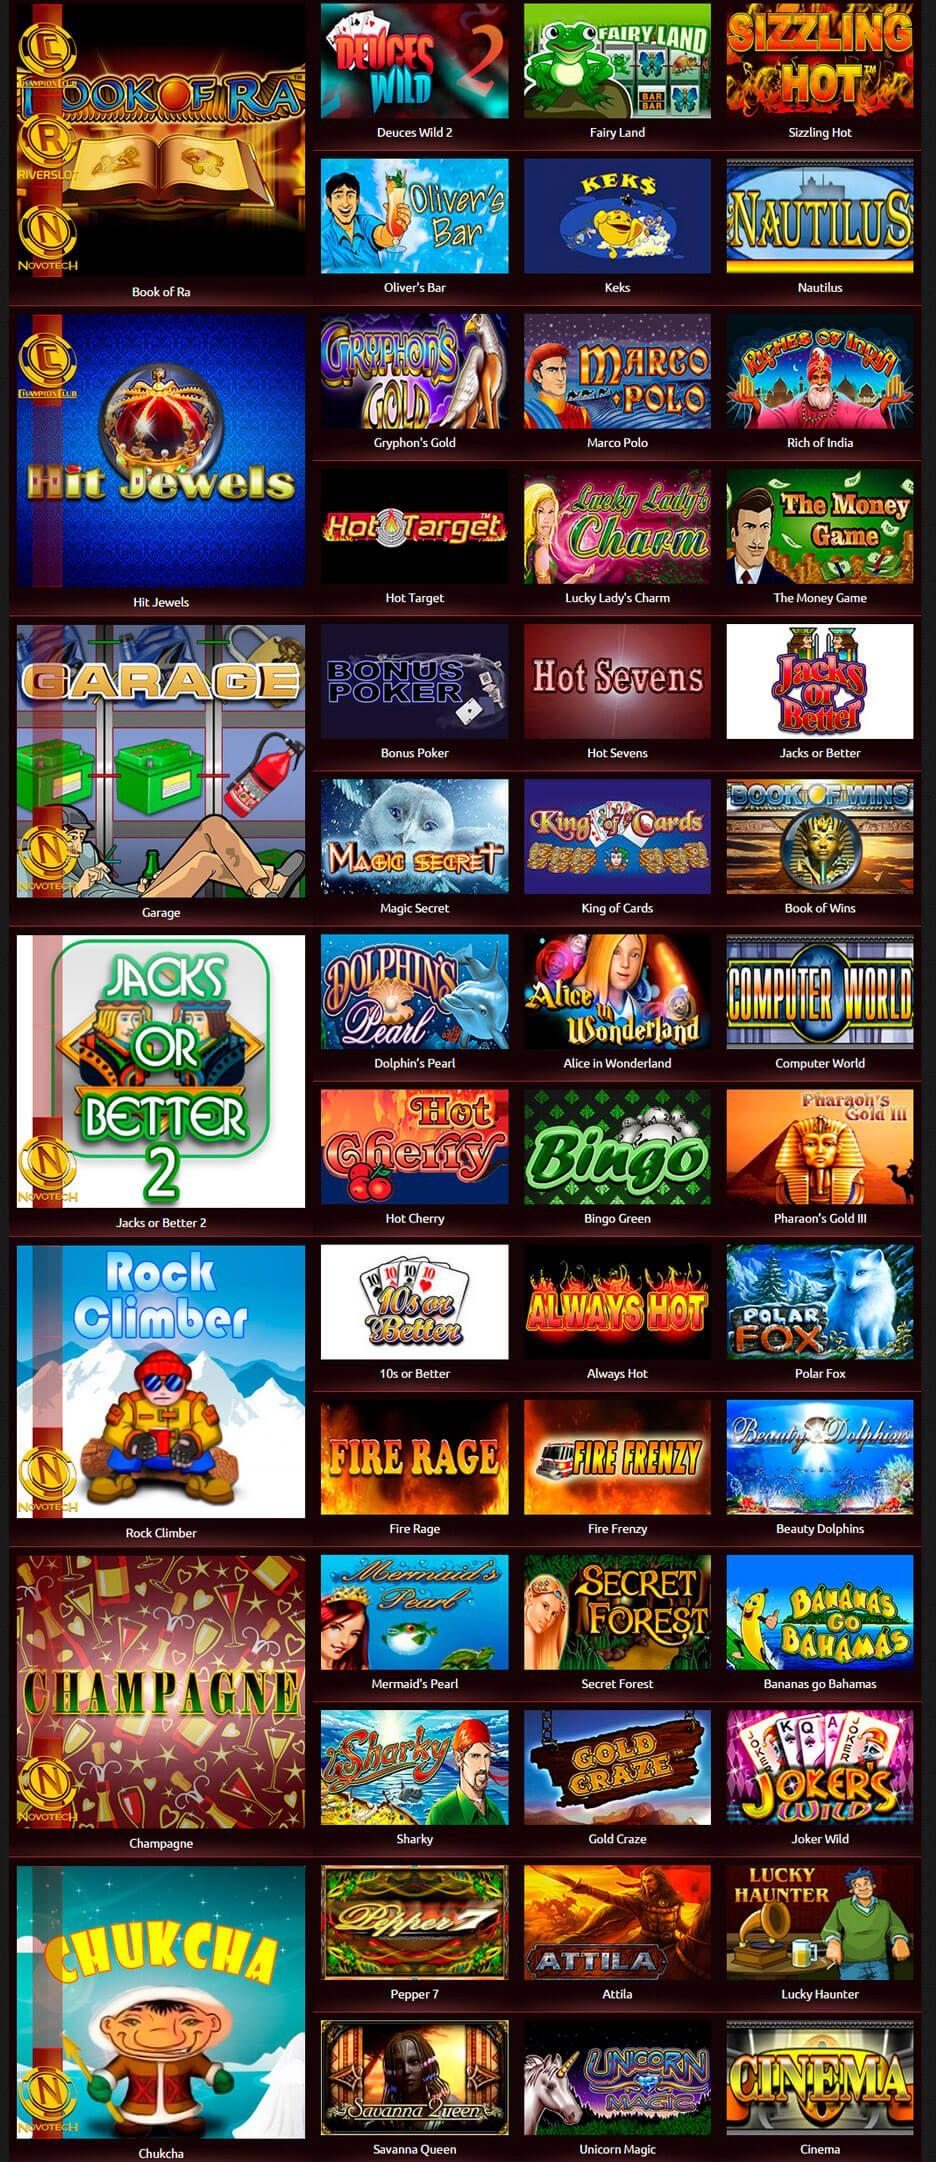 Бесплатные интернет казино игровых автоматов игровые автоматы играть бесплатно always hot